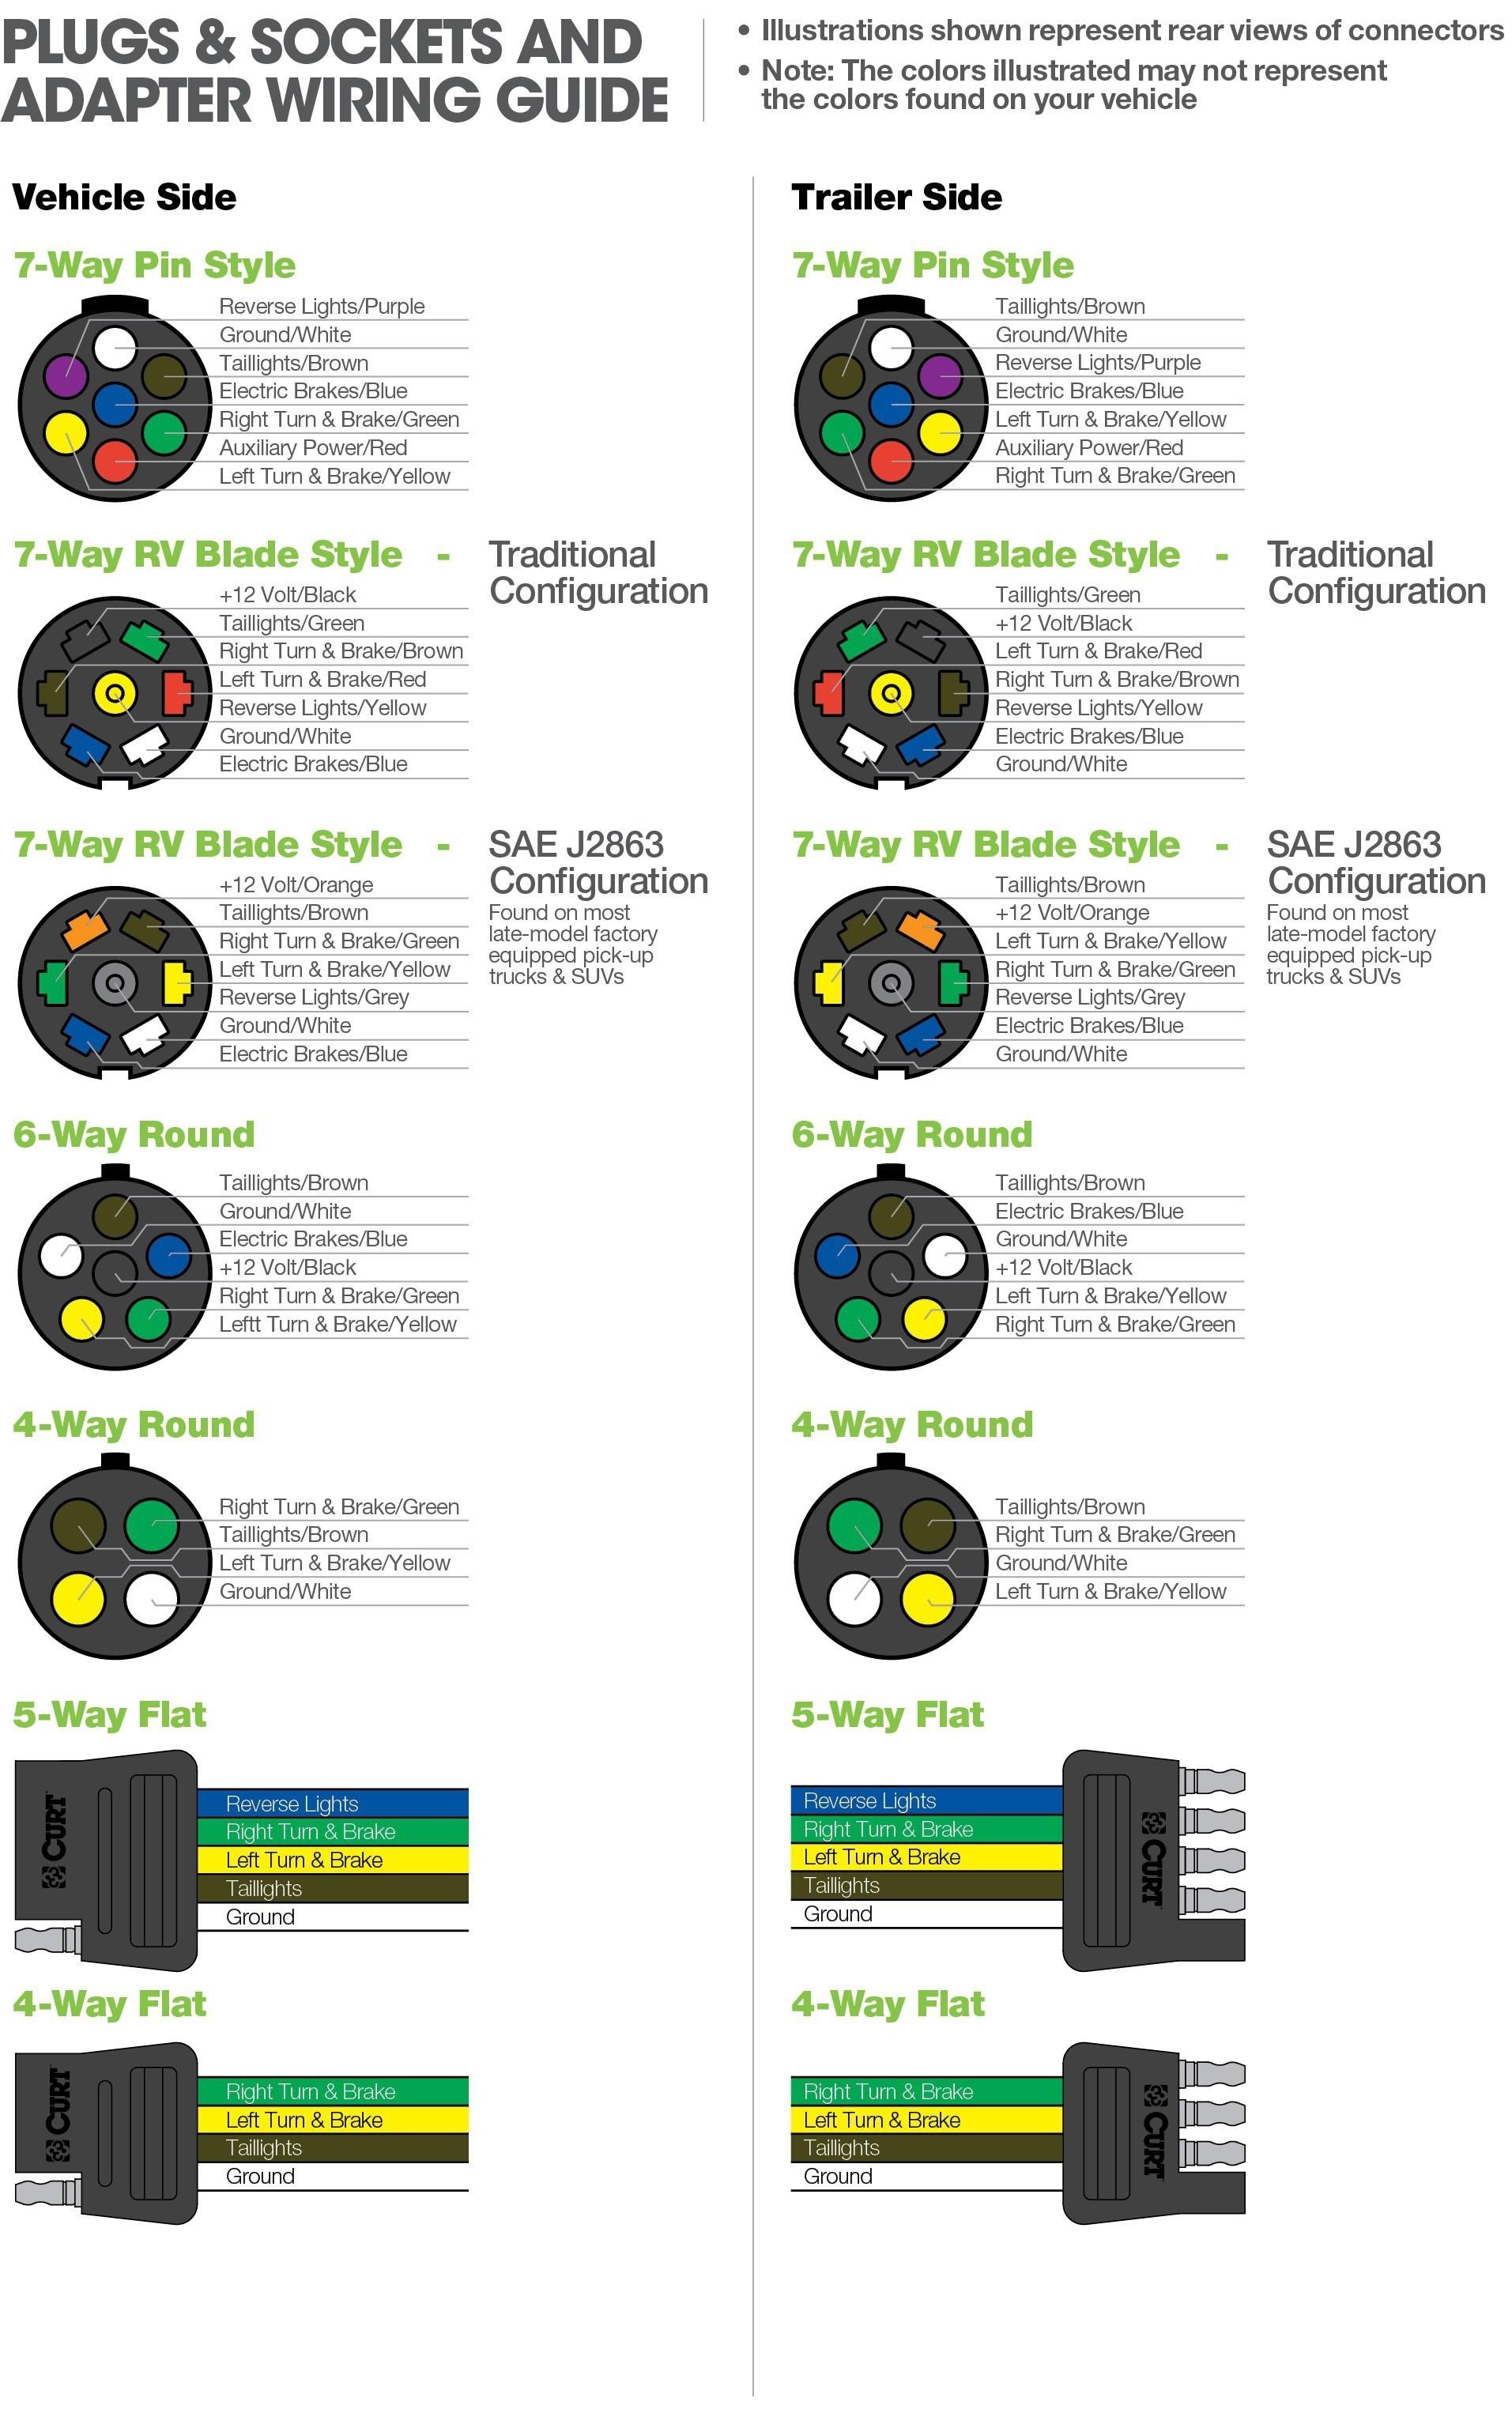 7 Round Trailer Wiring Diagram Dodge | Wiring Diagram - 7 Way Semi Trailer Plug Wiring Diagram